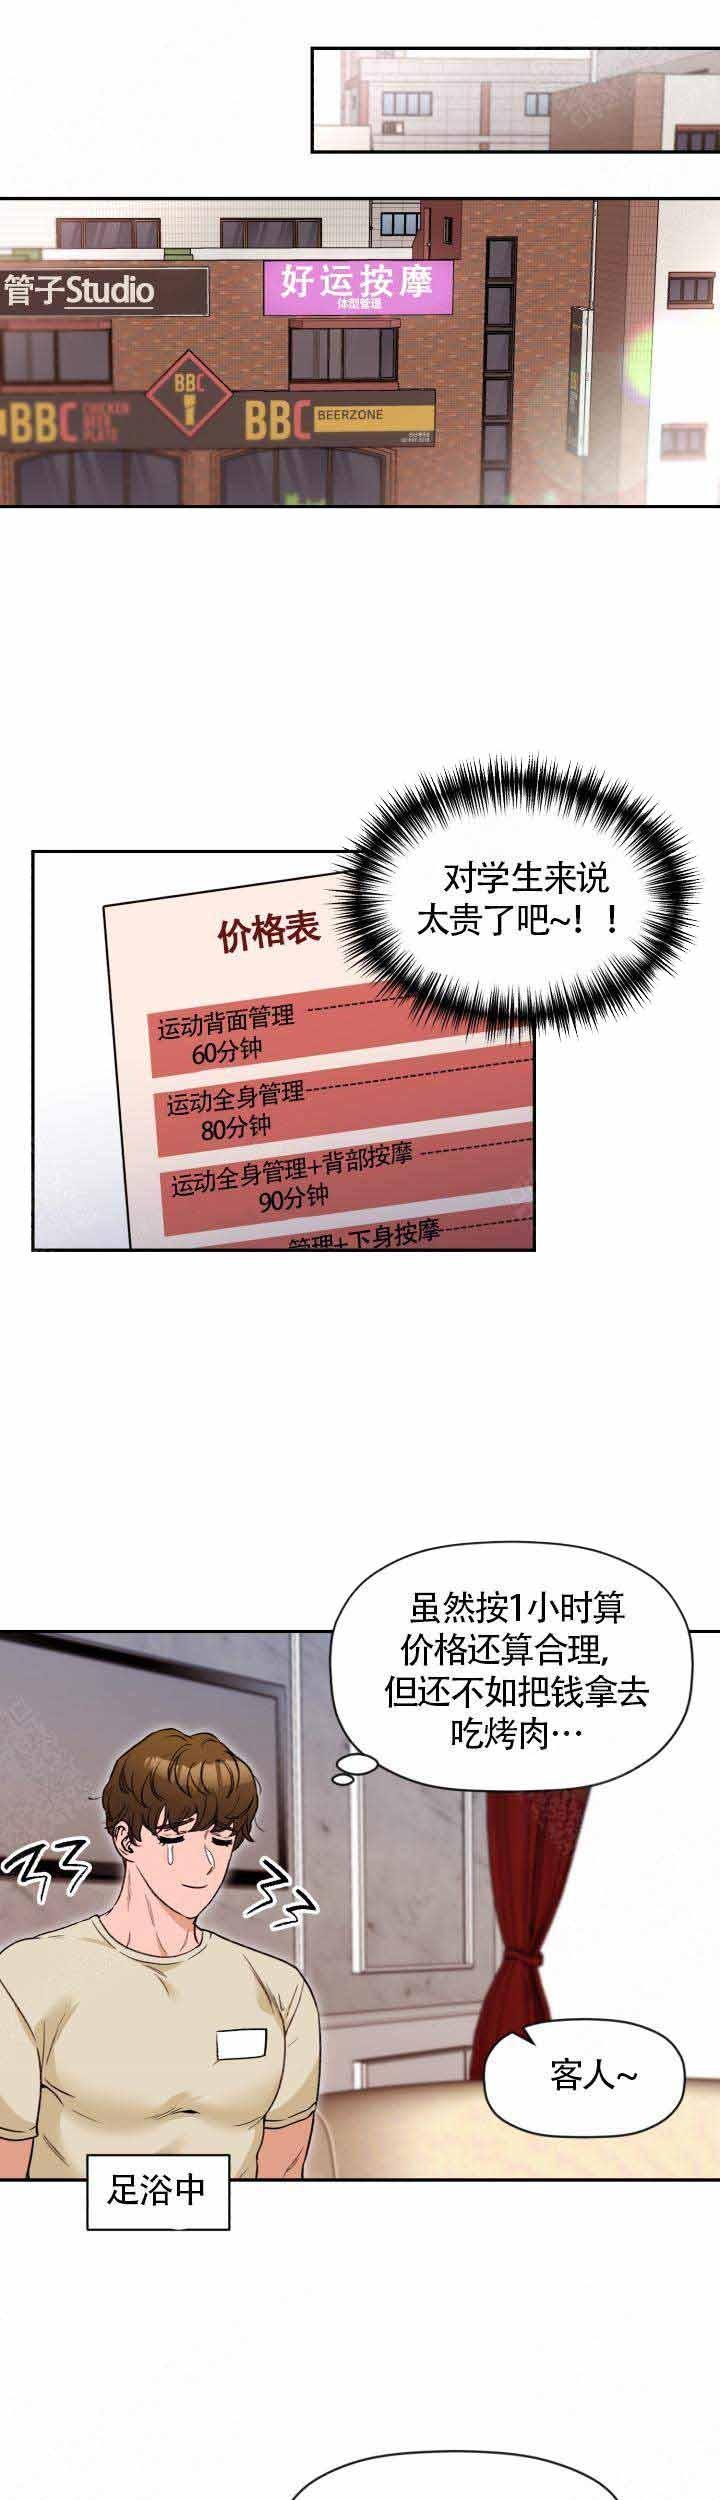 《身体解决方案》漫画无删减(全文免费阅读)